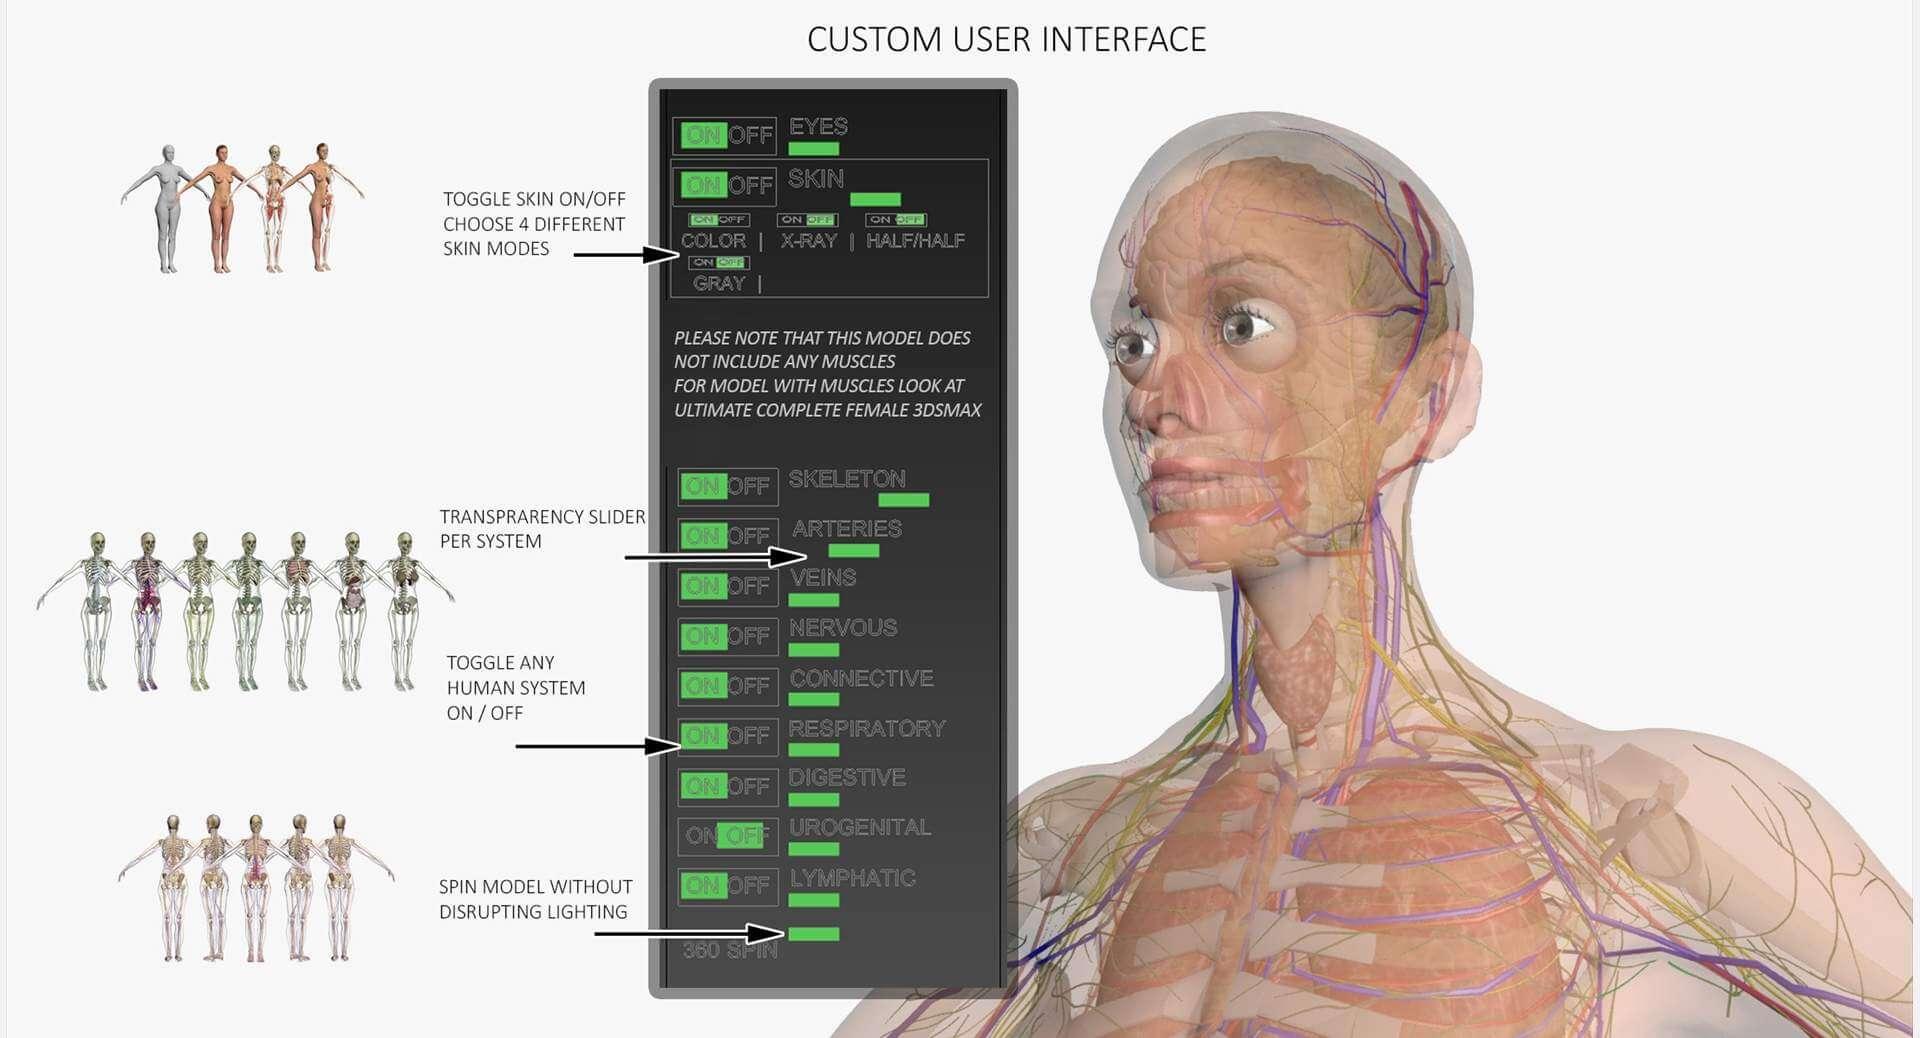 Female Full Body Anatomy 3d Model